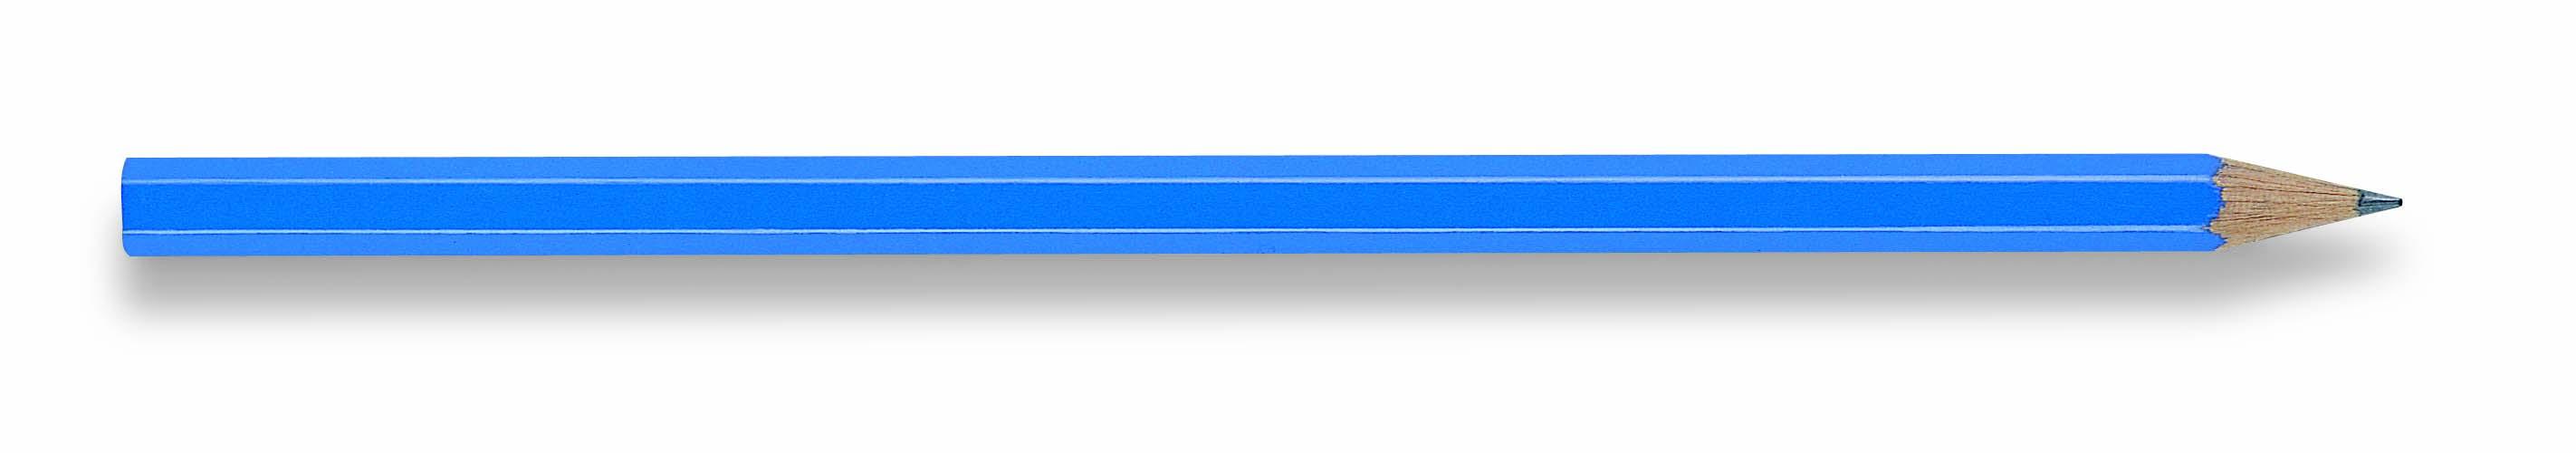 5b0e66dbbe727_NF_6-kant_blau